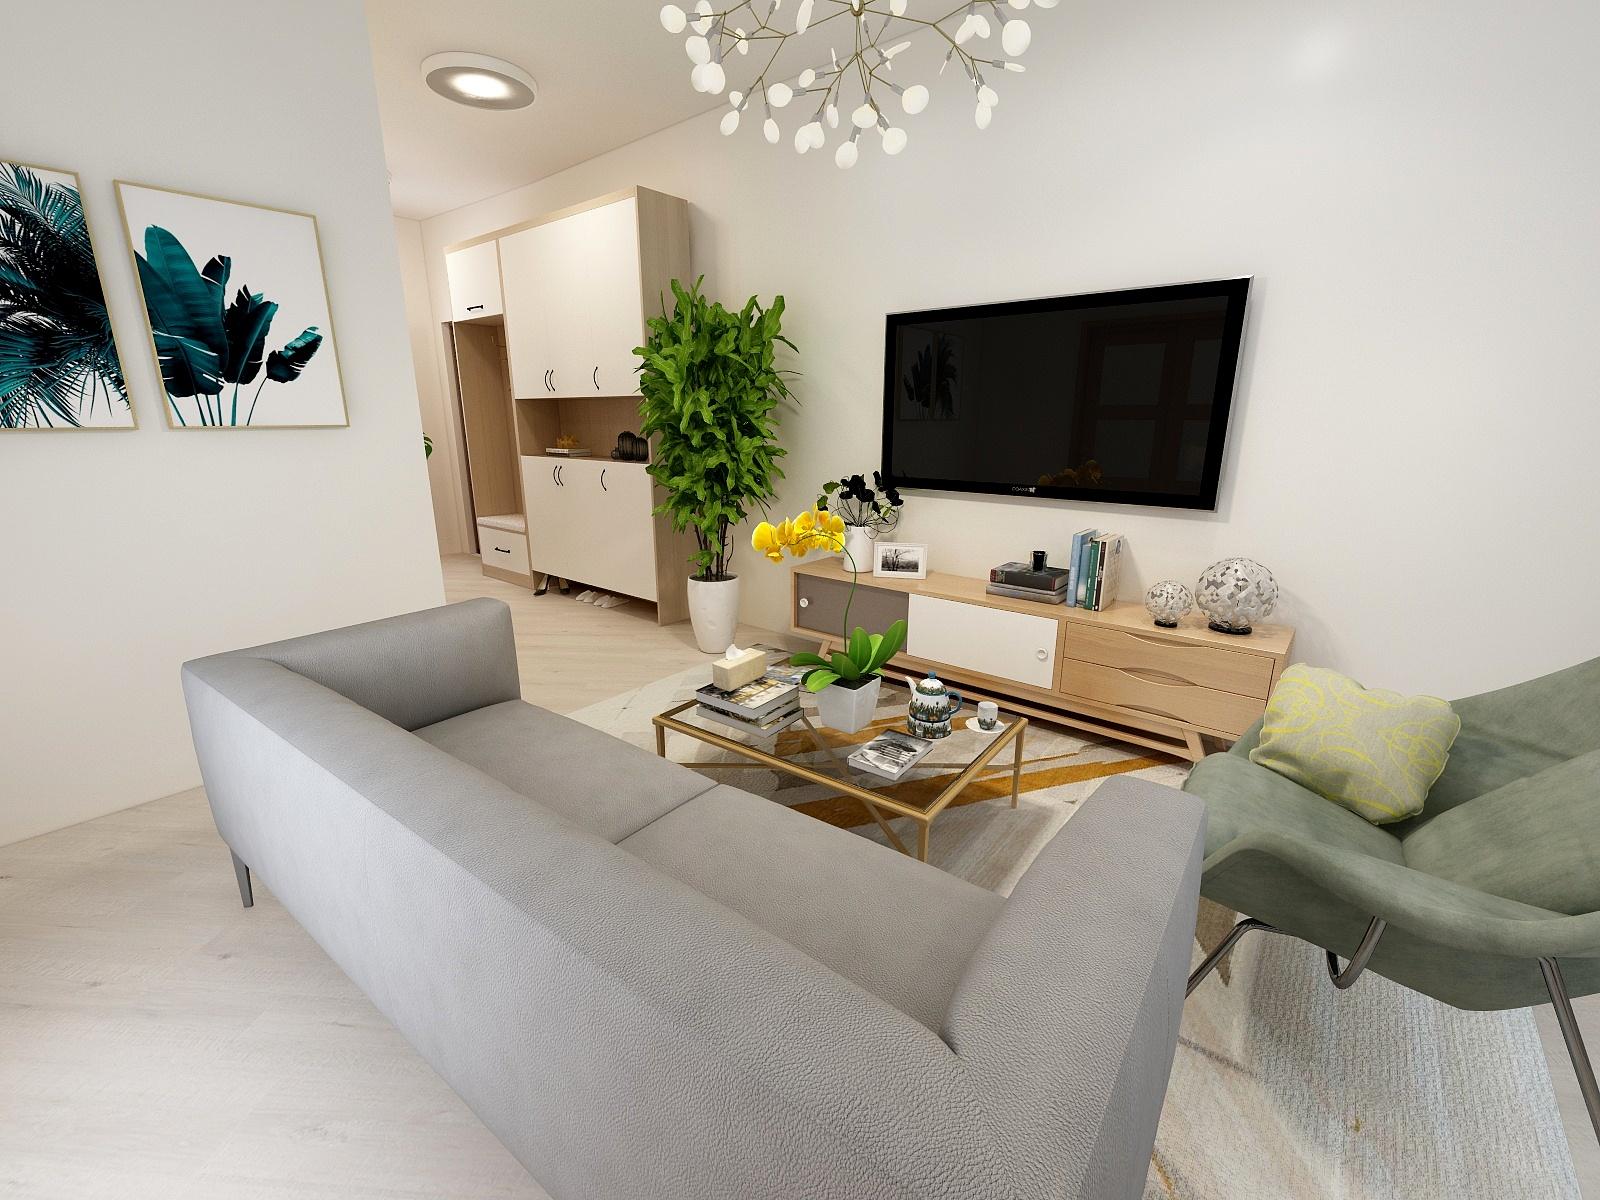 希腊雅典北部贵族富人区精装旅游民宿公寓